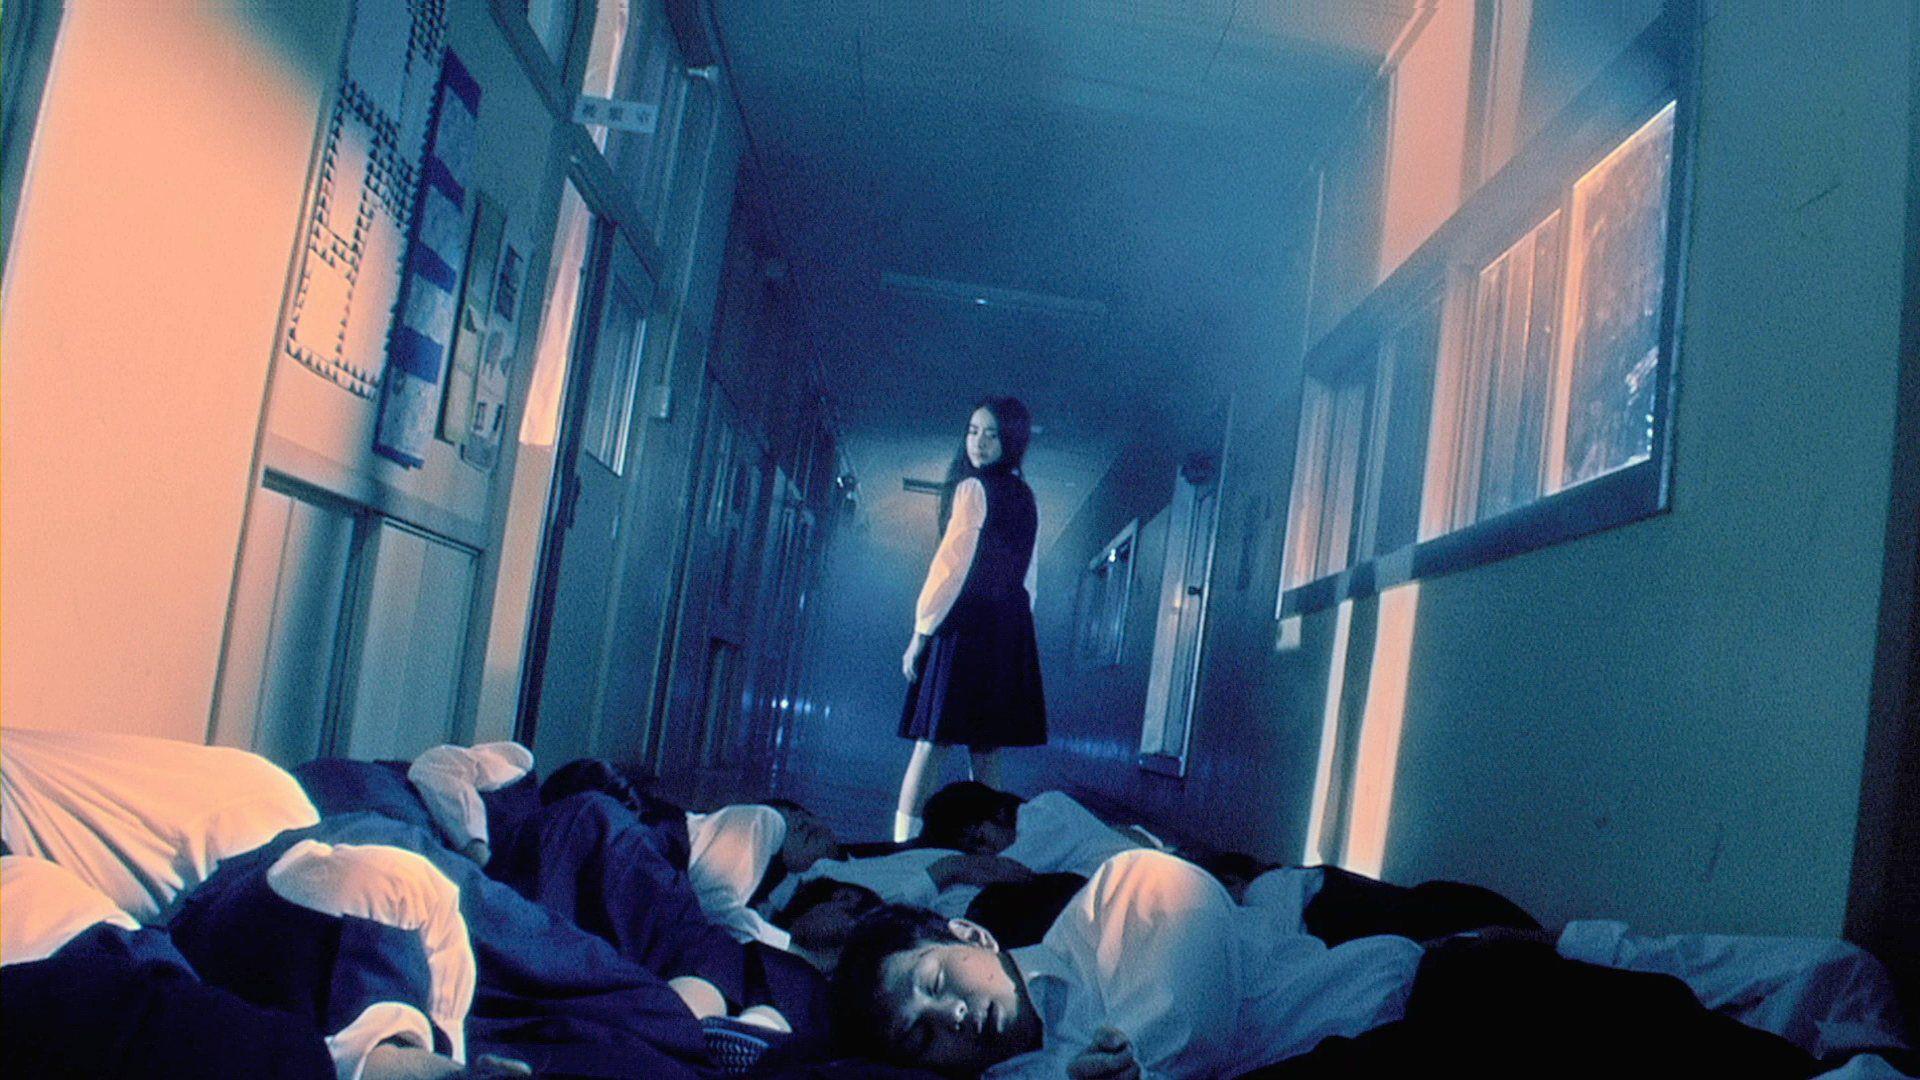 Sadako 3d Backgrounds on Wallpapers Vista